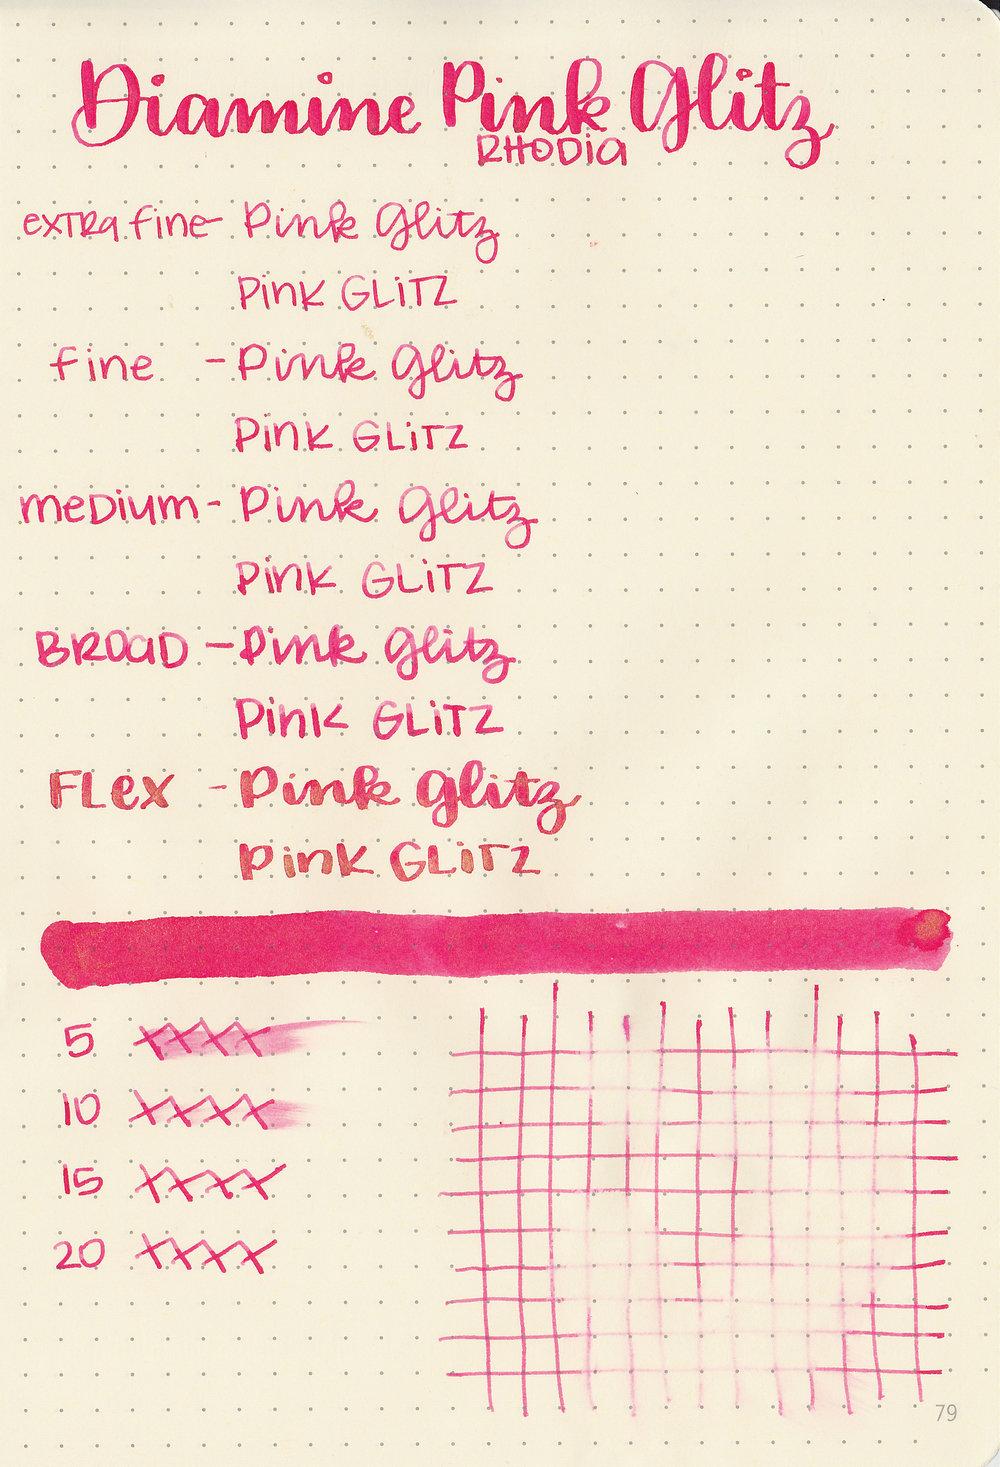 d-pink-glitz-6.jpg